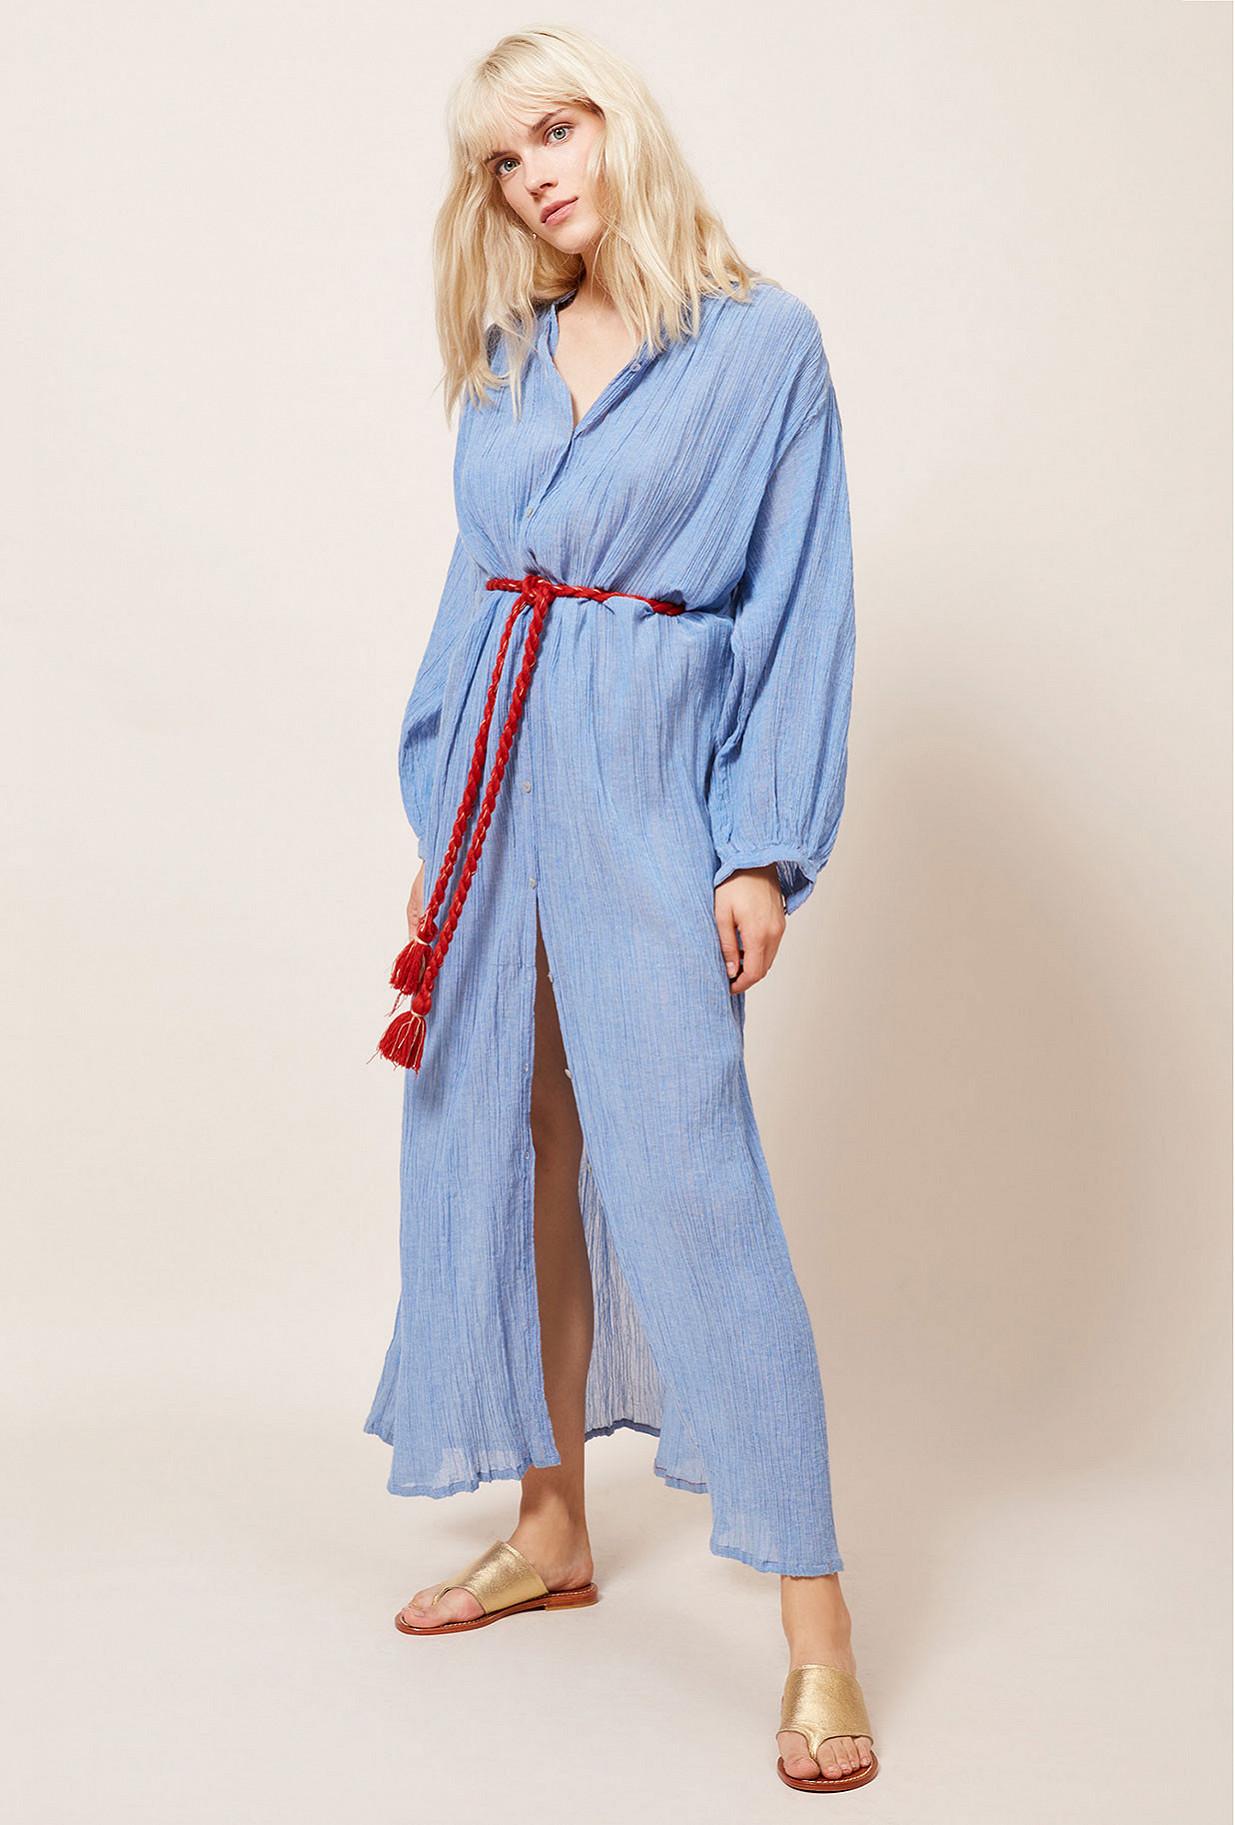 Paris boutique de mode vêtement Robe créateur bohème  Daniella